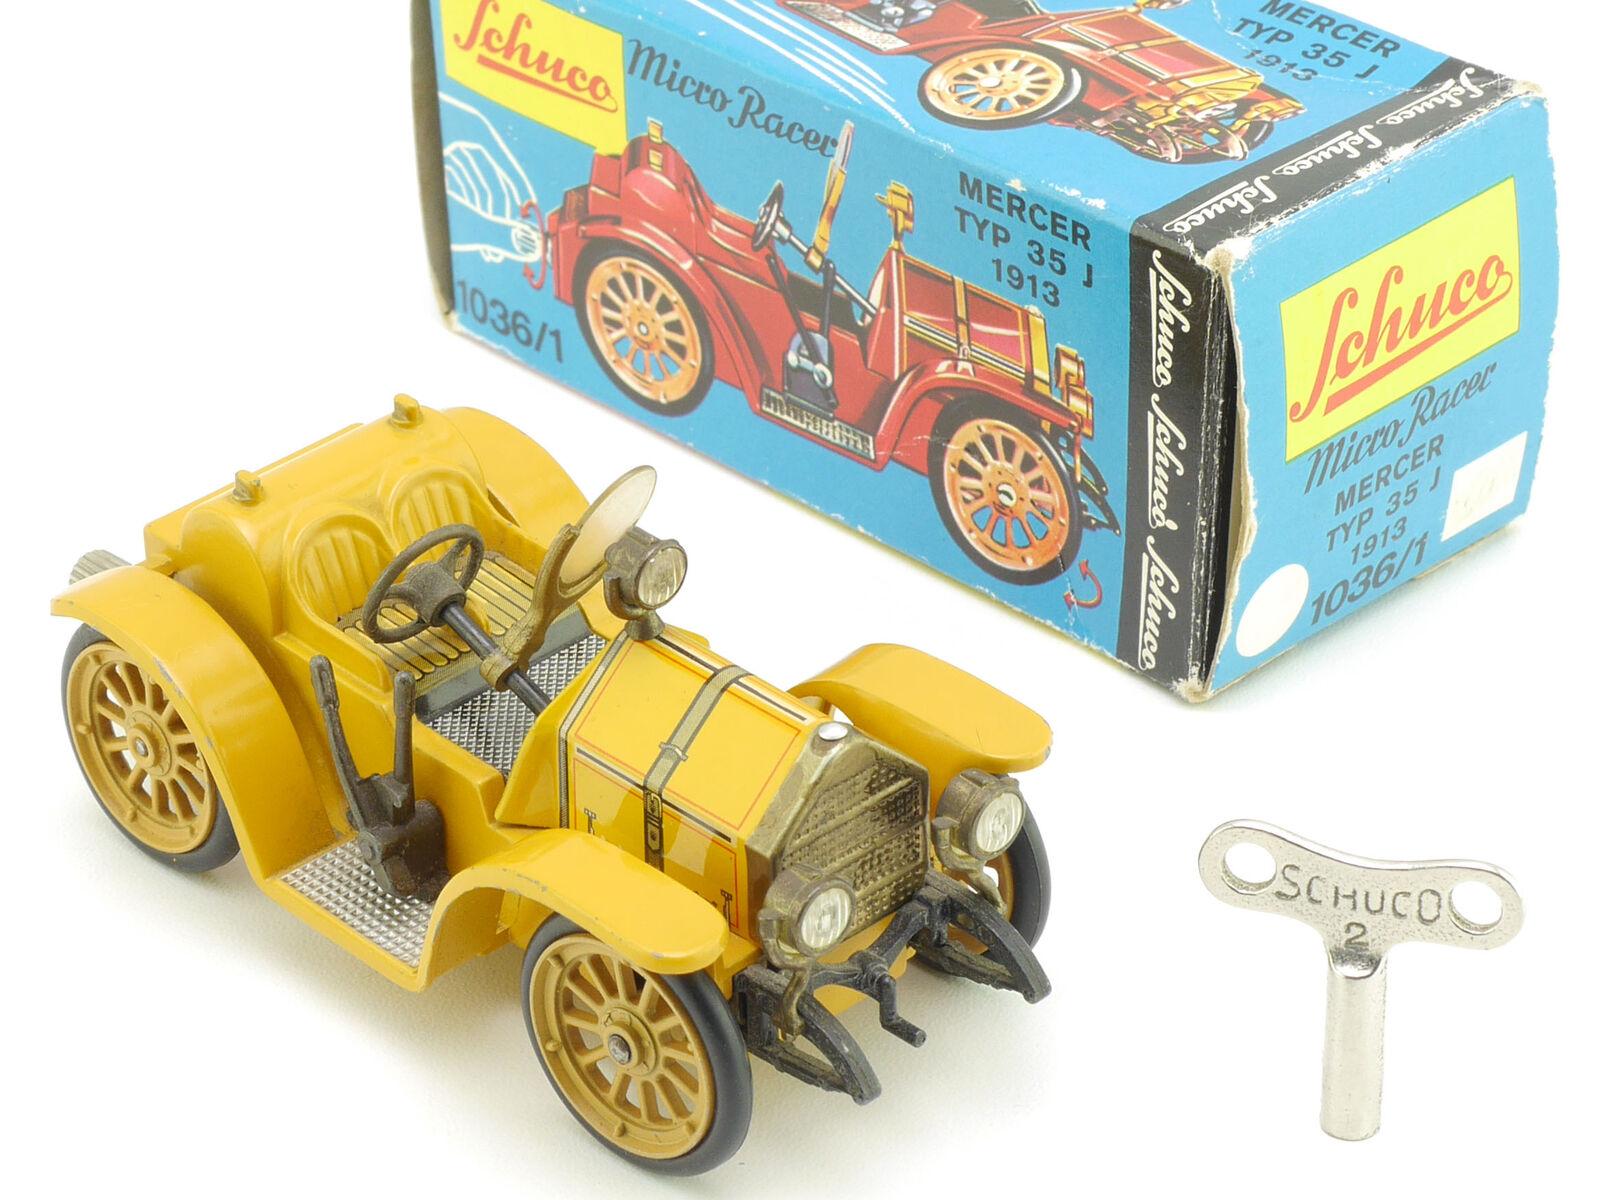 Schuco 1036 1 micro racer Mercer 35j 1913 jaune jaune jaune original vieux  1606-19-73 f906ab